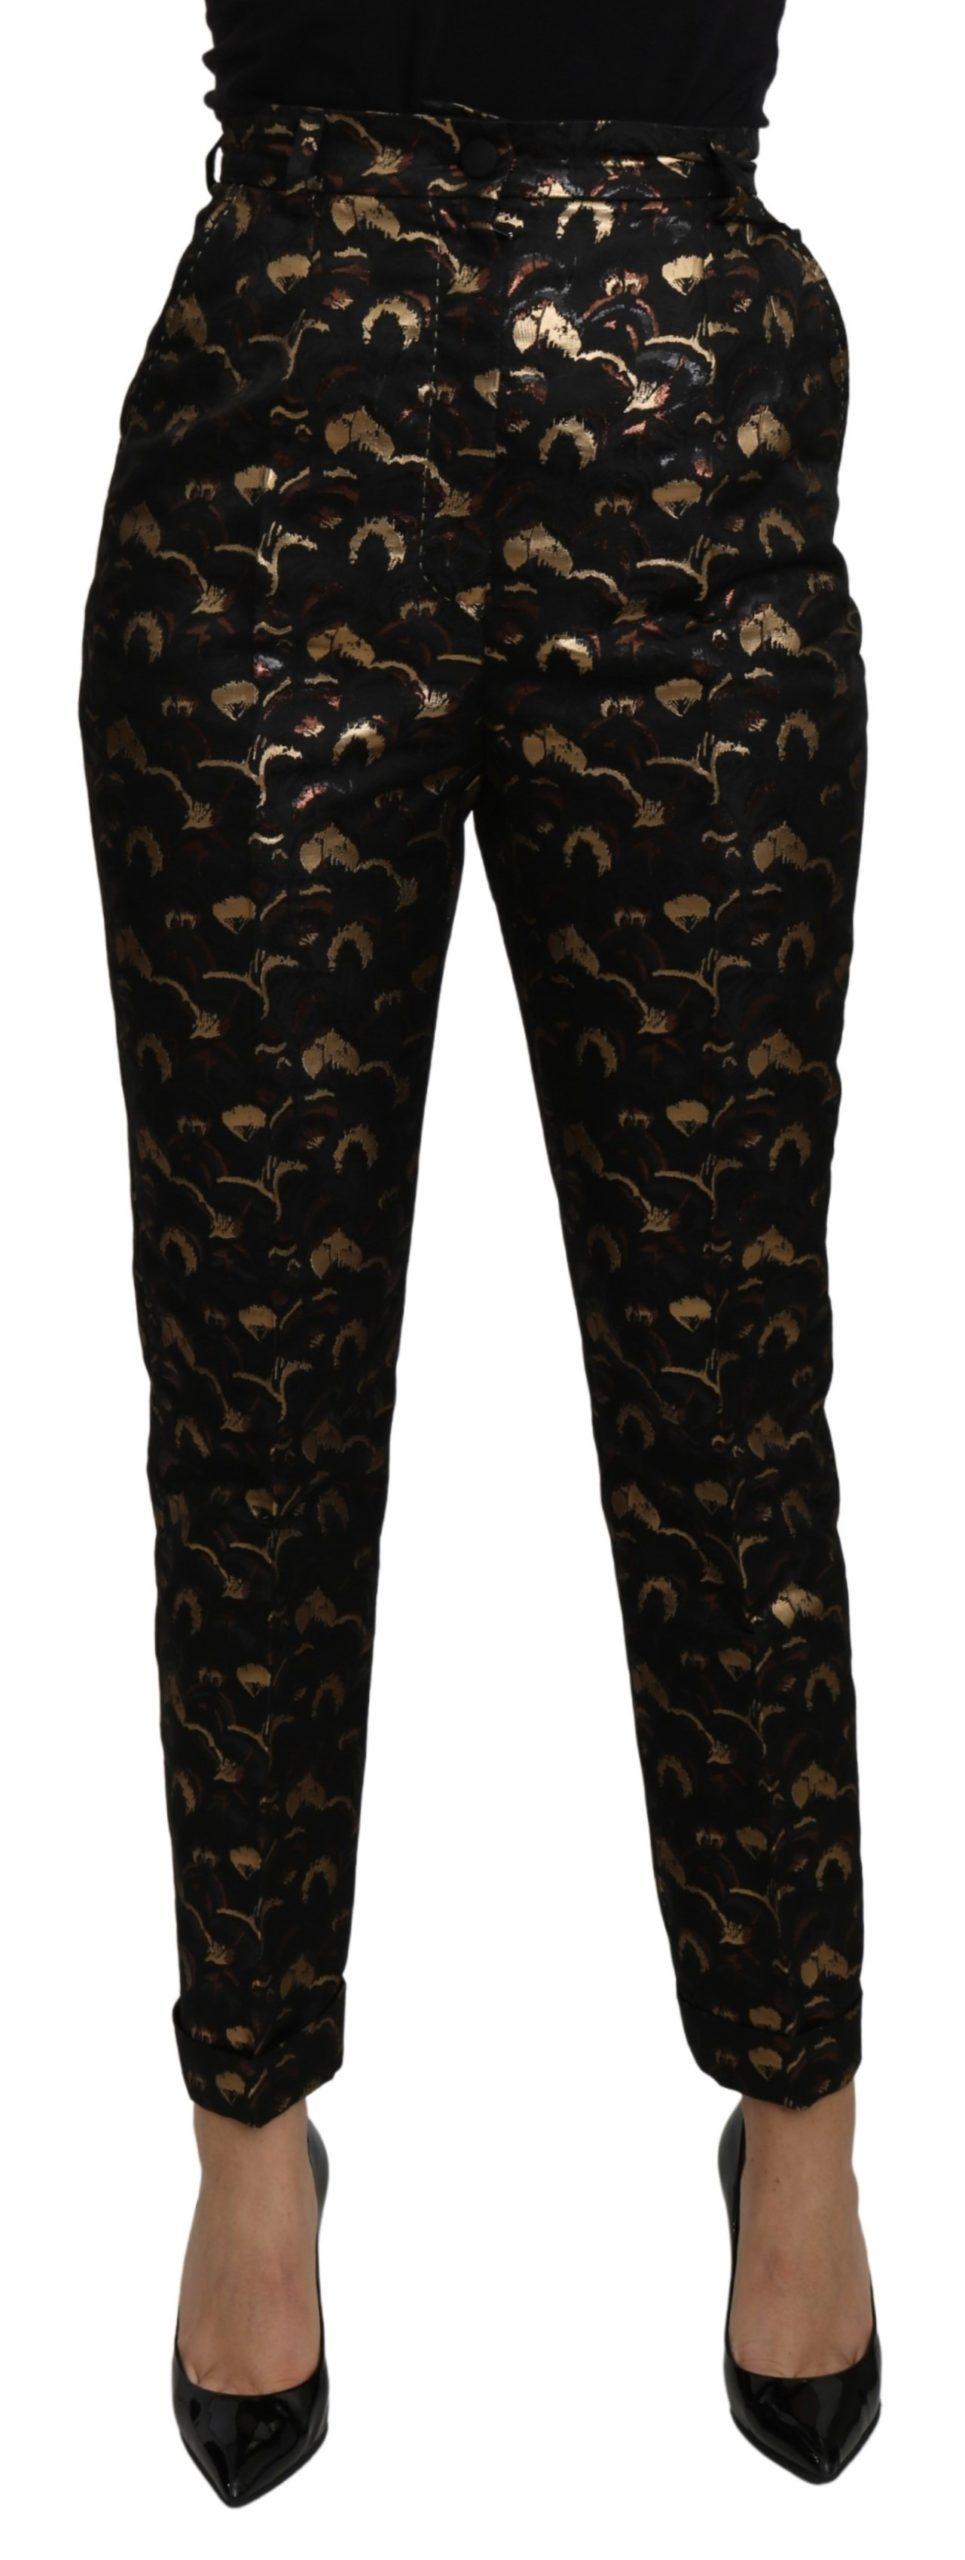 Dolce & Gabbana Women's Brocade High Waist Trouser Black PAN71088 - IT40|S